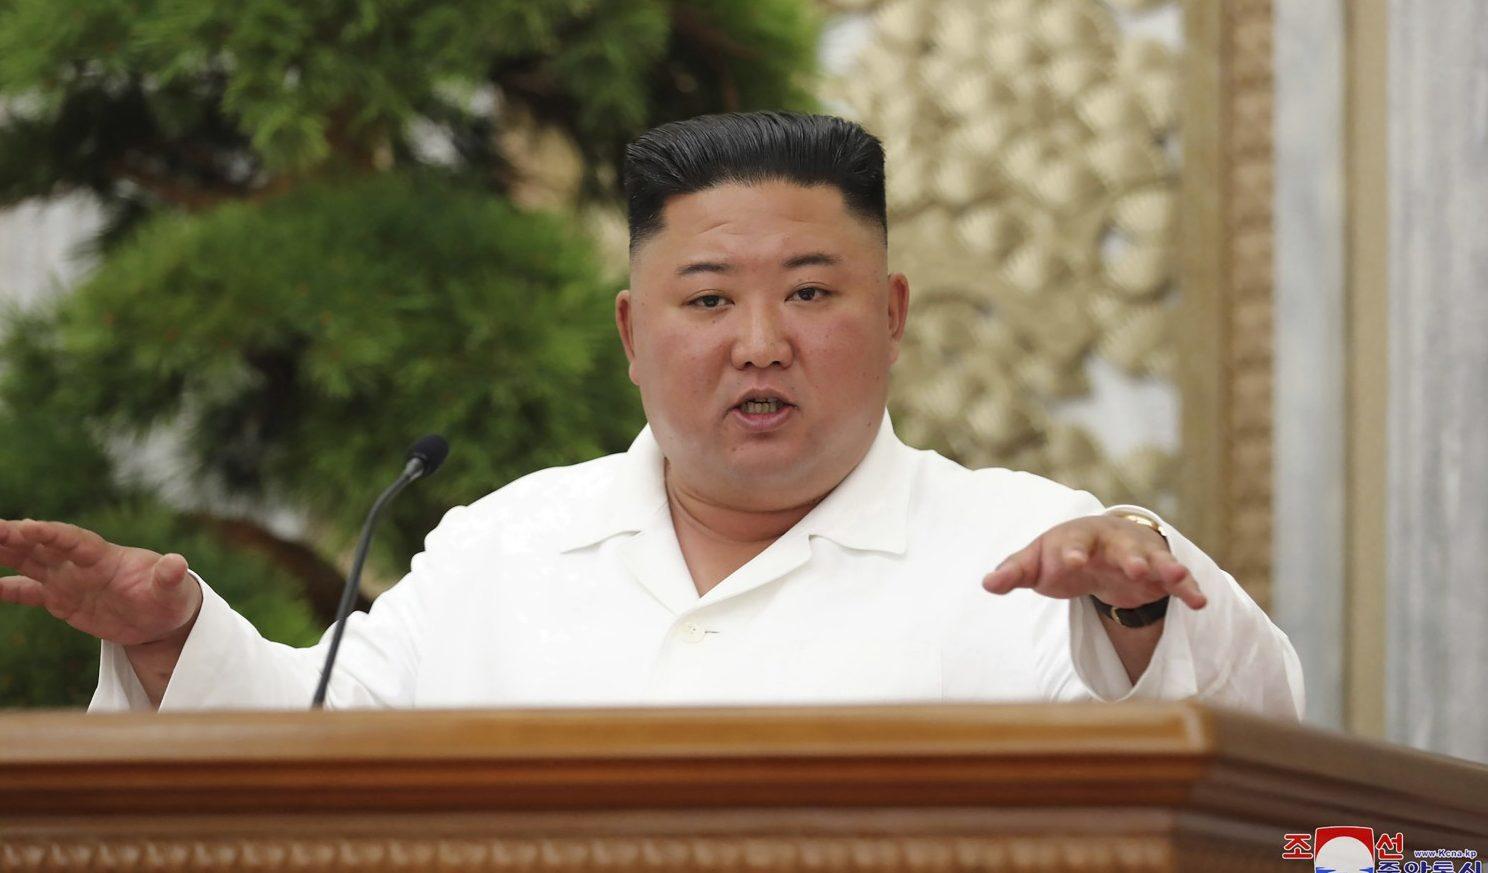 Kim si è scusato con Seul per l'uccisione del funzionario sudcoreano